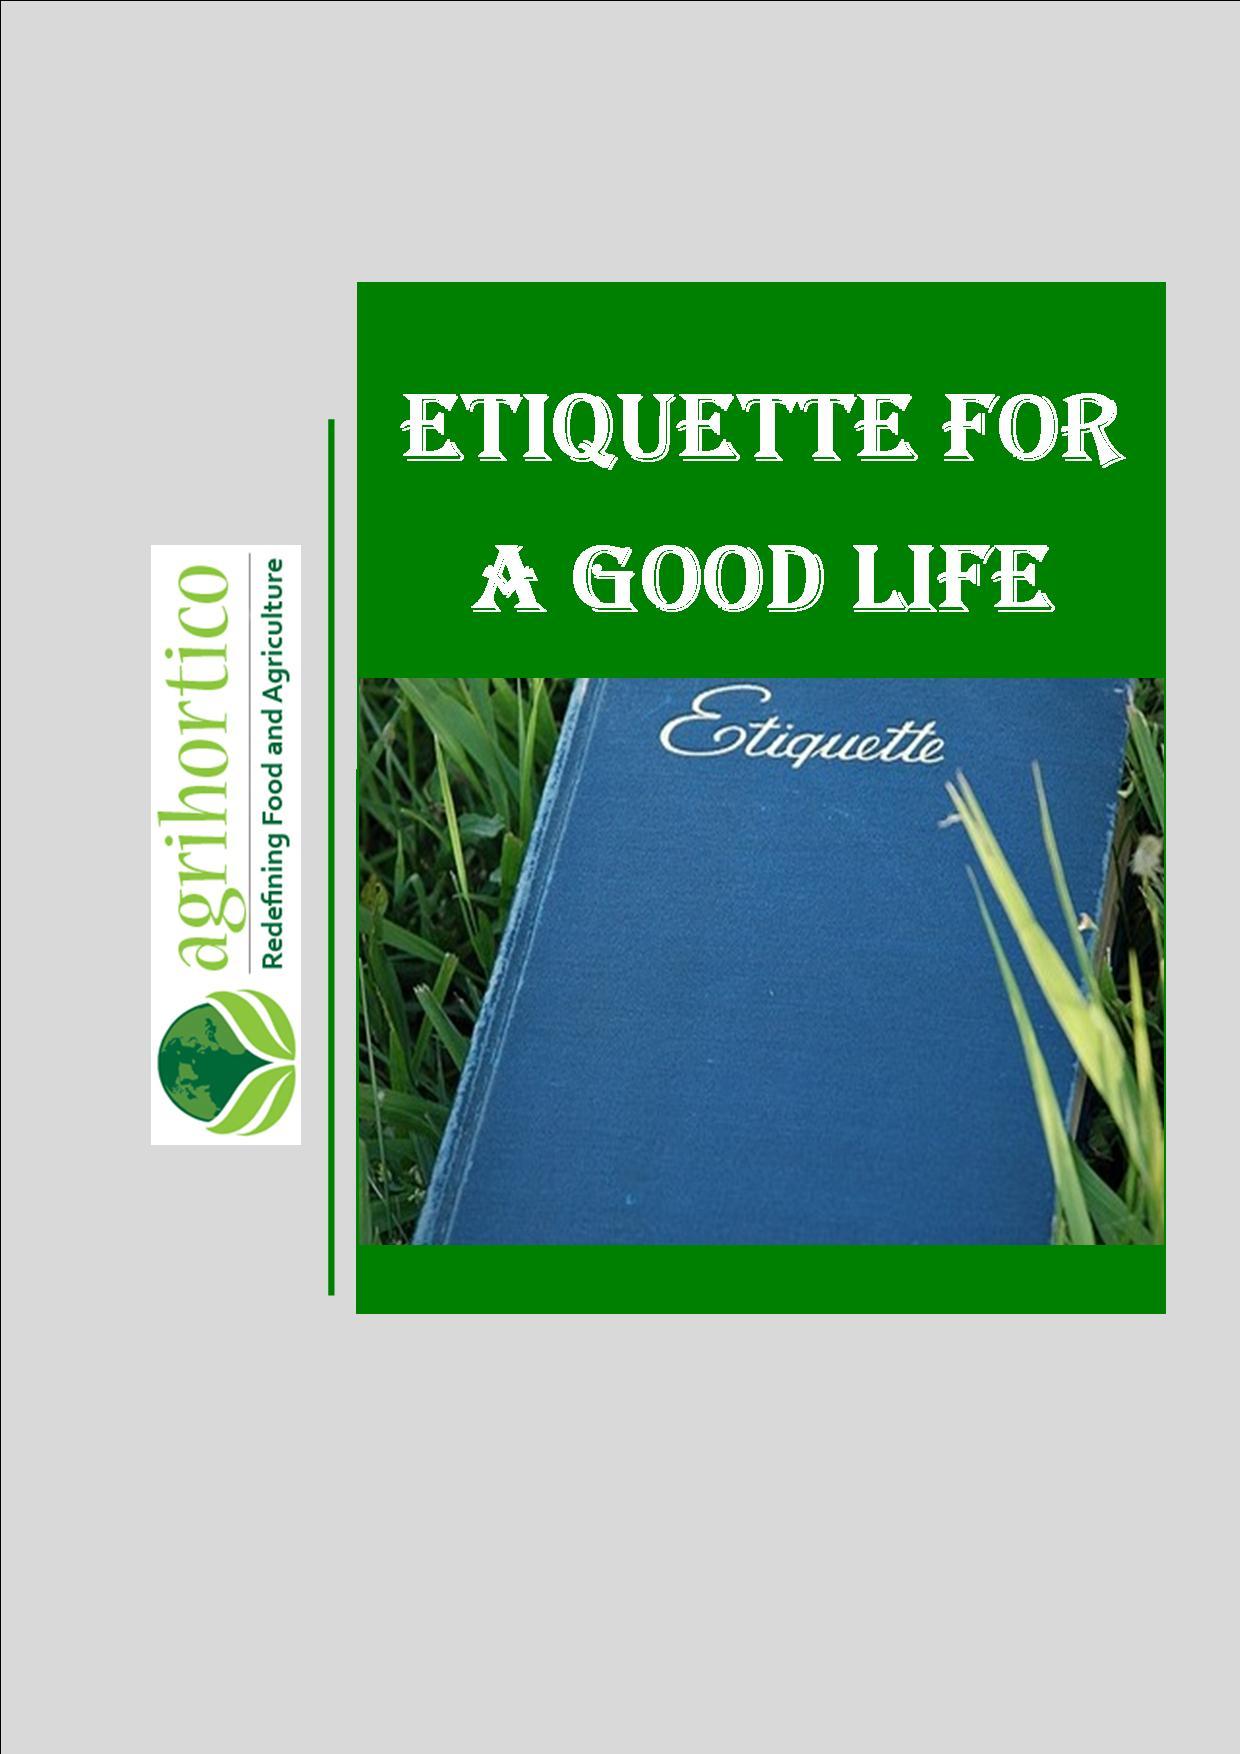 etiquette-life